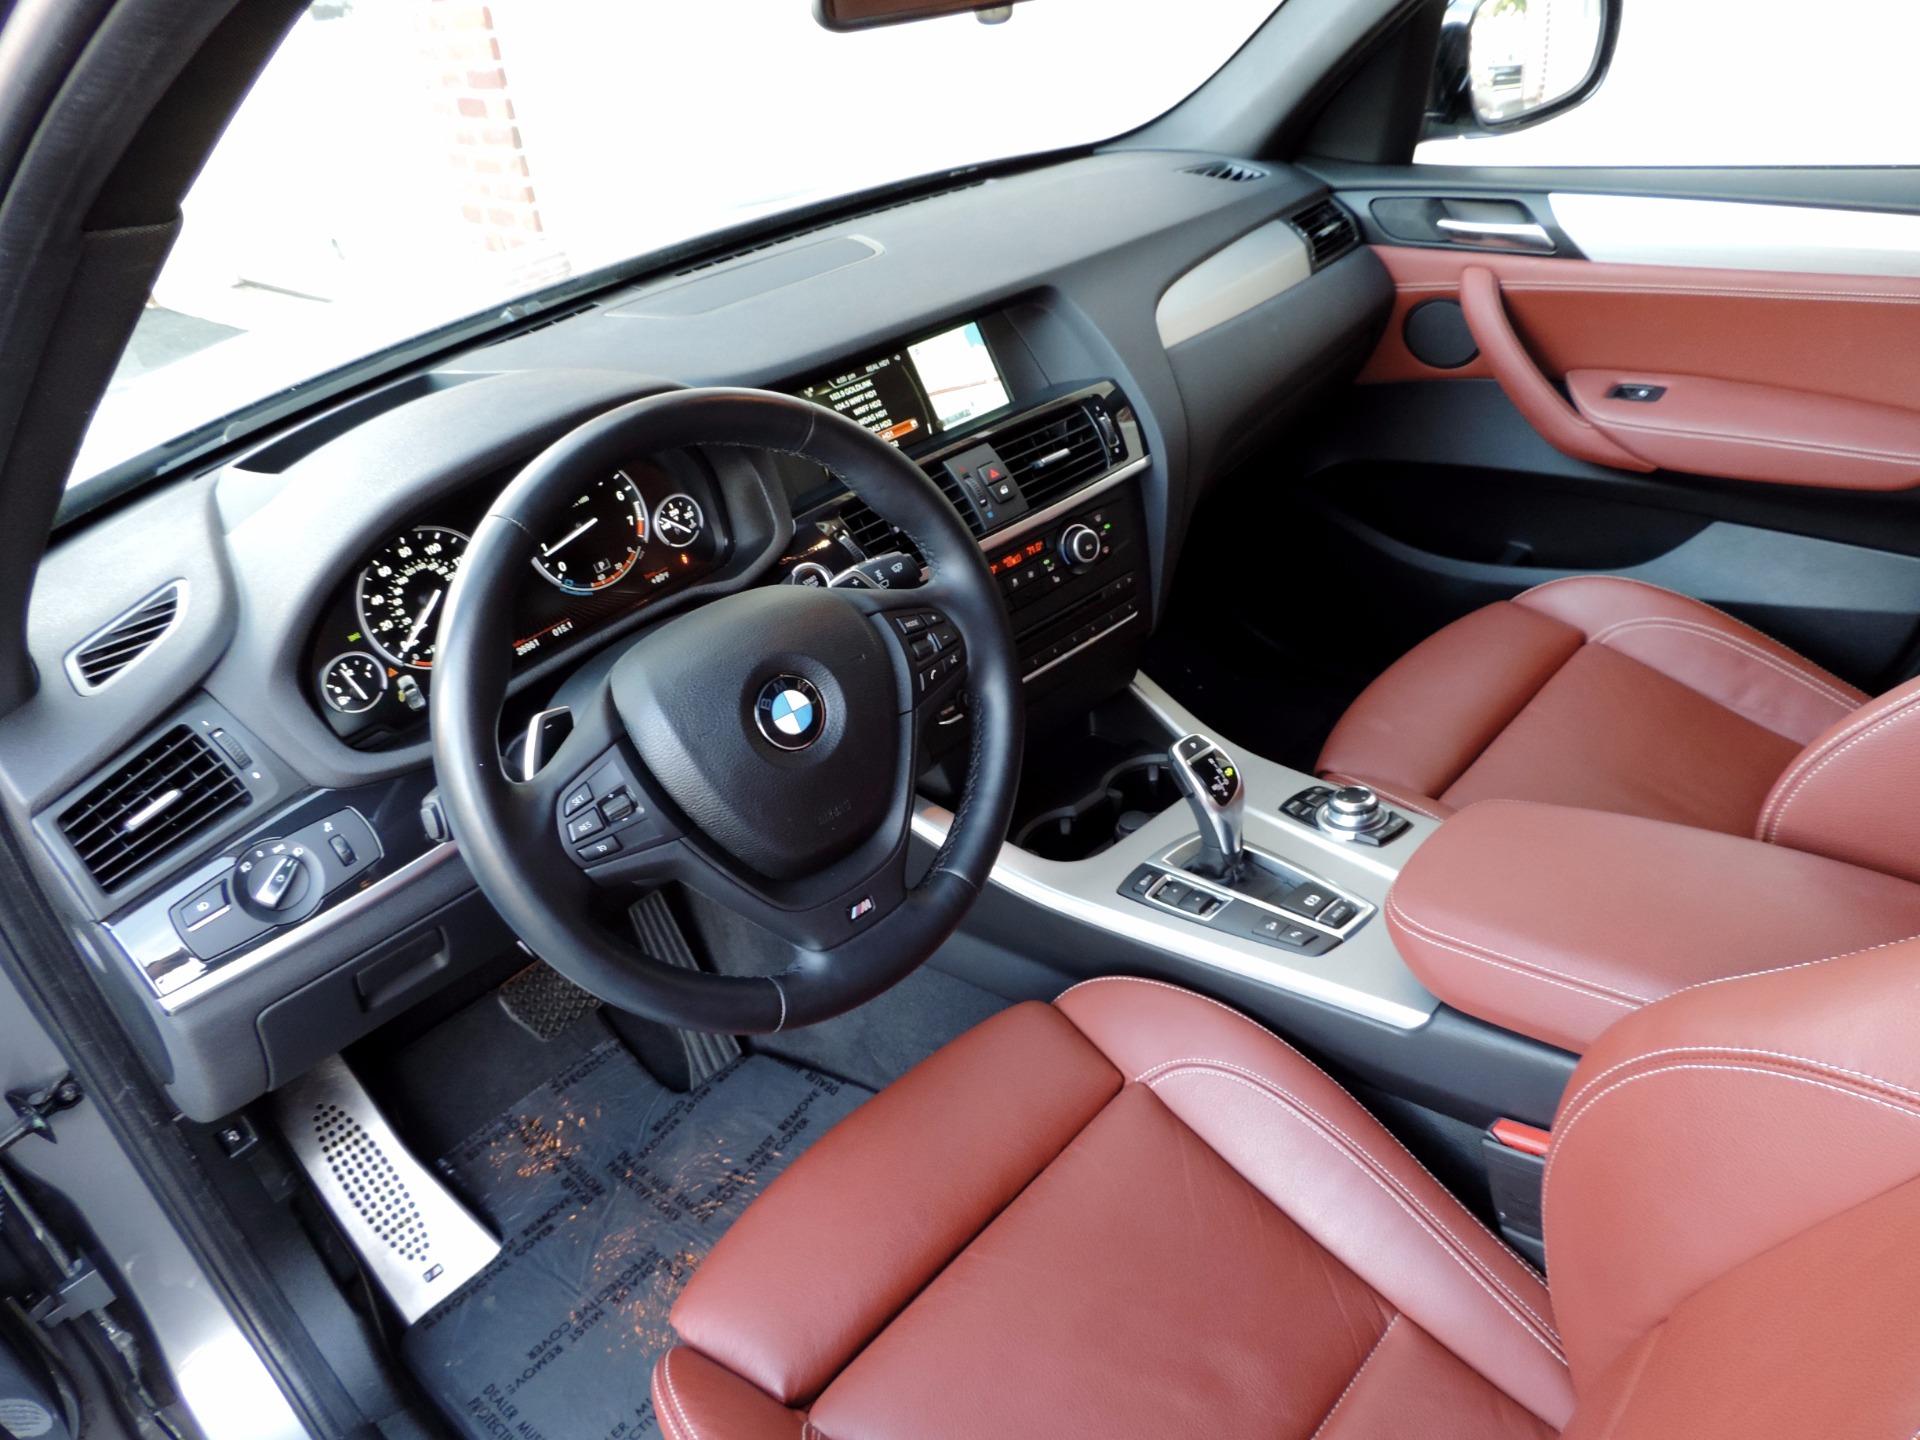 2014 Bmw X3 Xdrive35i Stock E82120 For Sale Near Edgewater Park Nj Nj Bmw Dealer